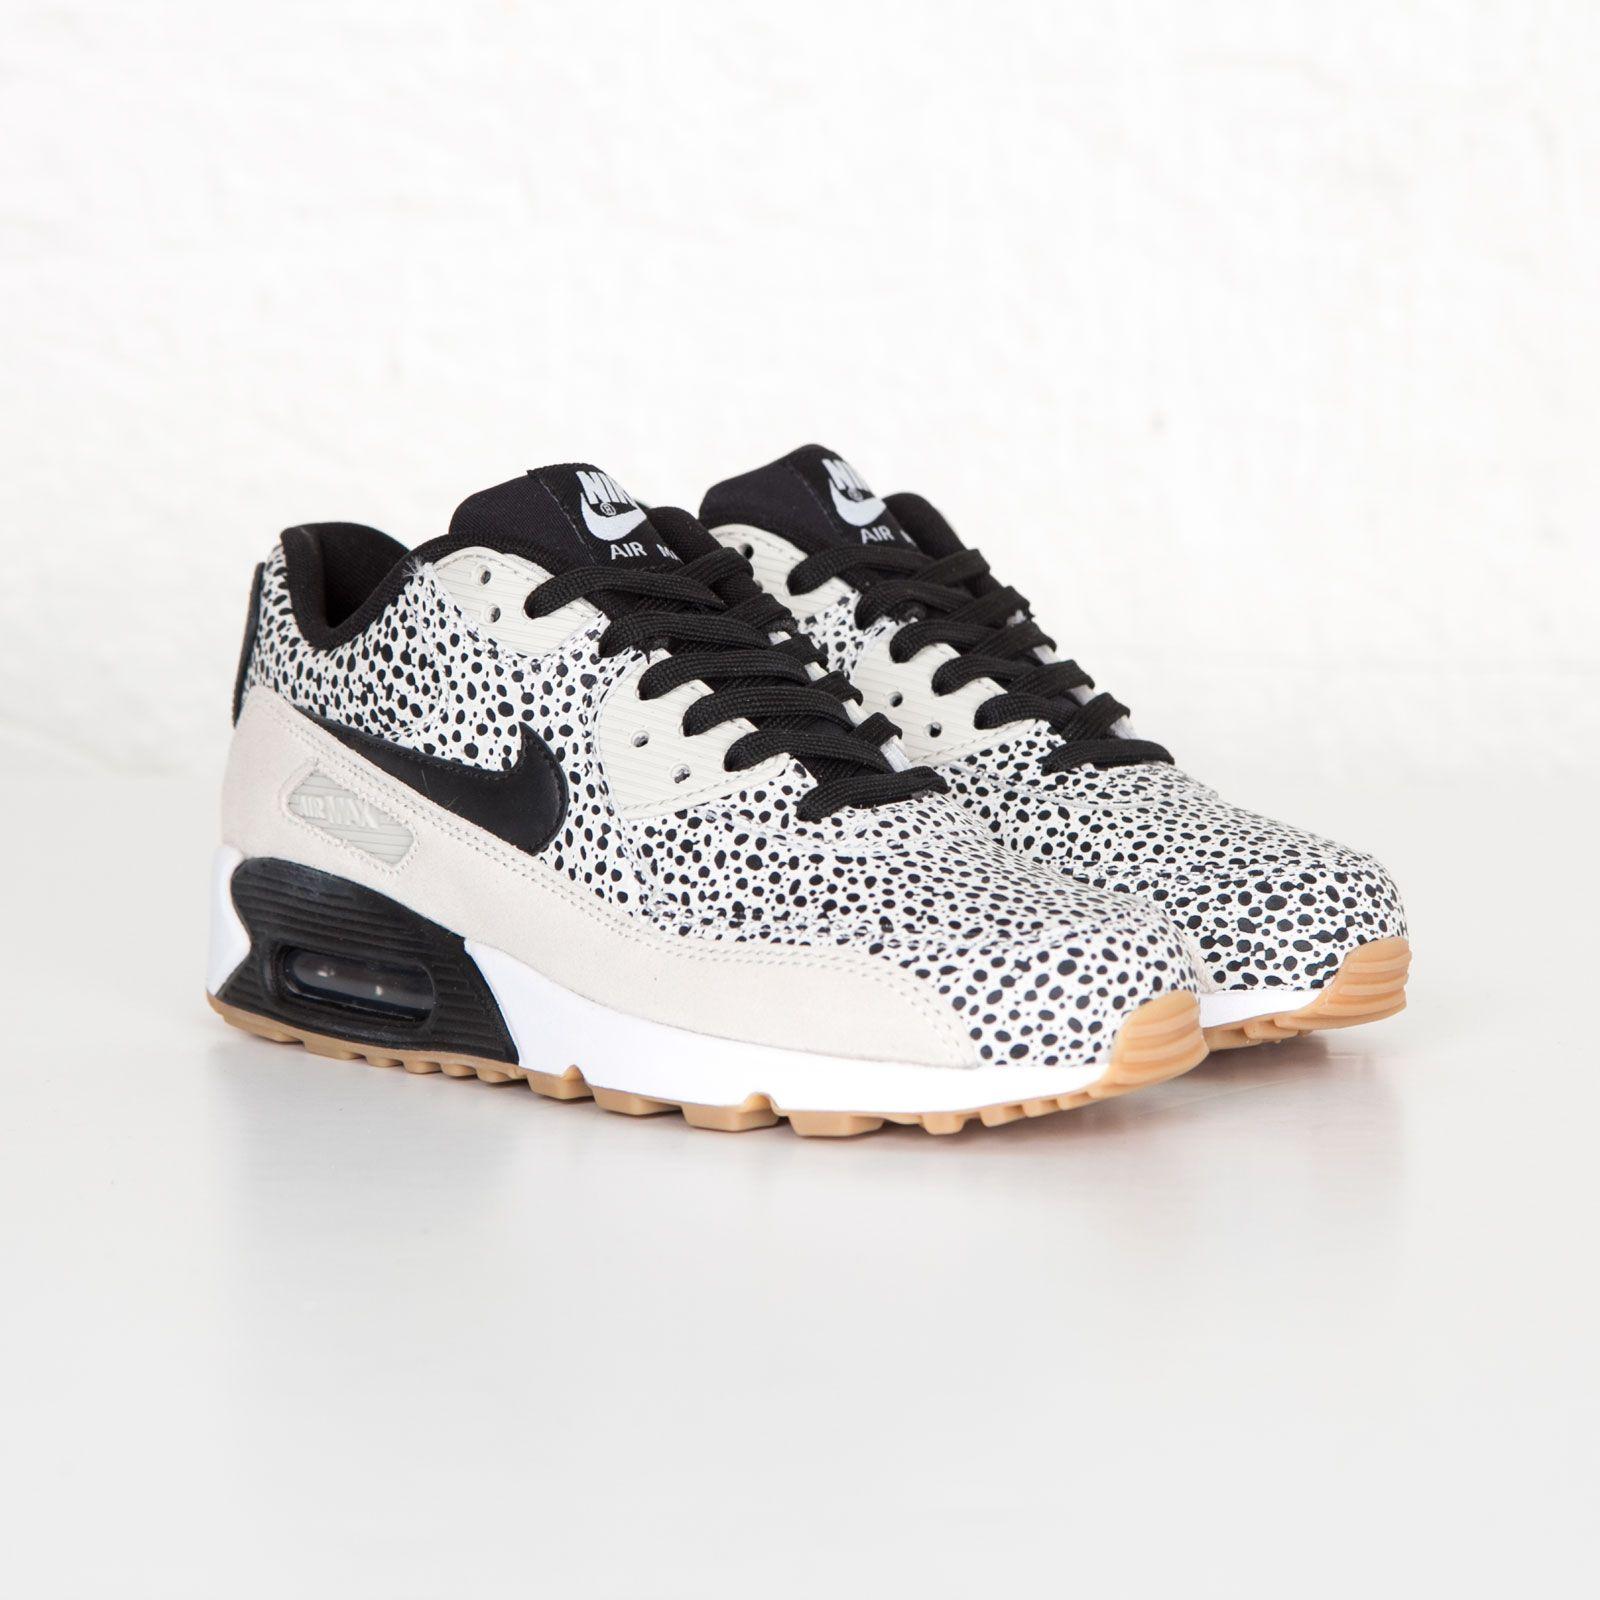 1082645c3c Nike Wmns Air Max 90 Premium - 443817-102 - Sneakersnstuff | sneakers &  streetwear på nätet sen 1999